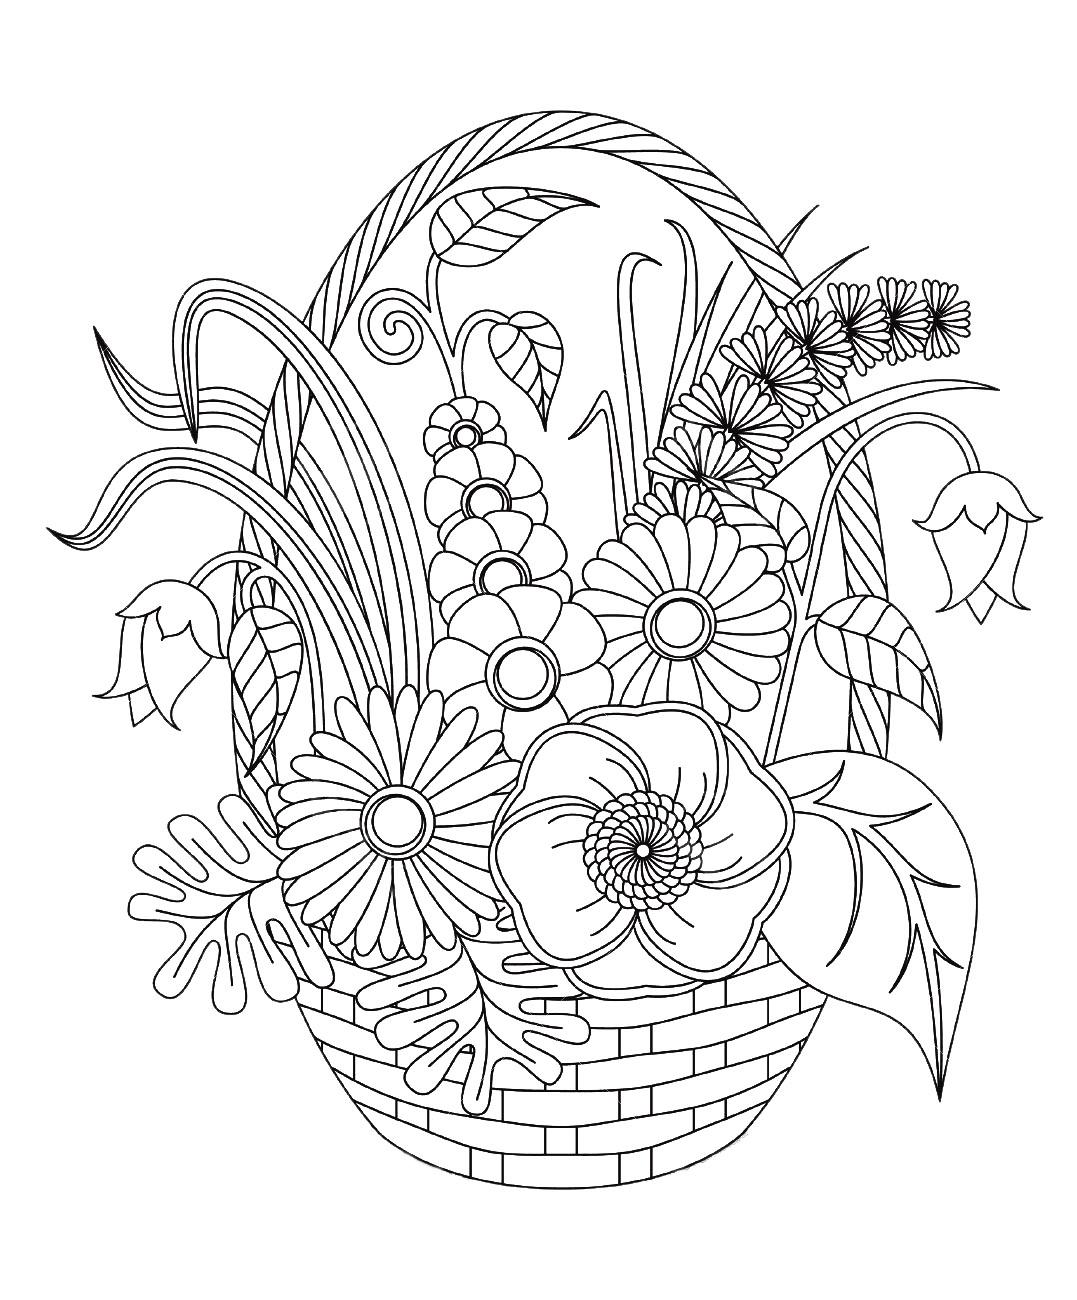 Fiori E Vegetazione 45813 Fiori E Vegetazione Disegni Da